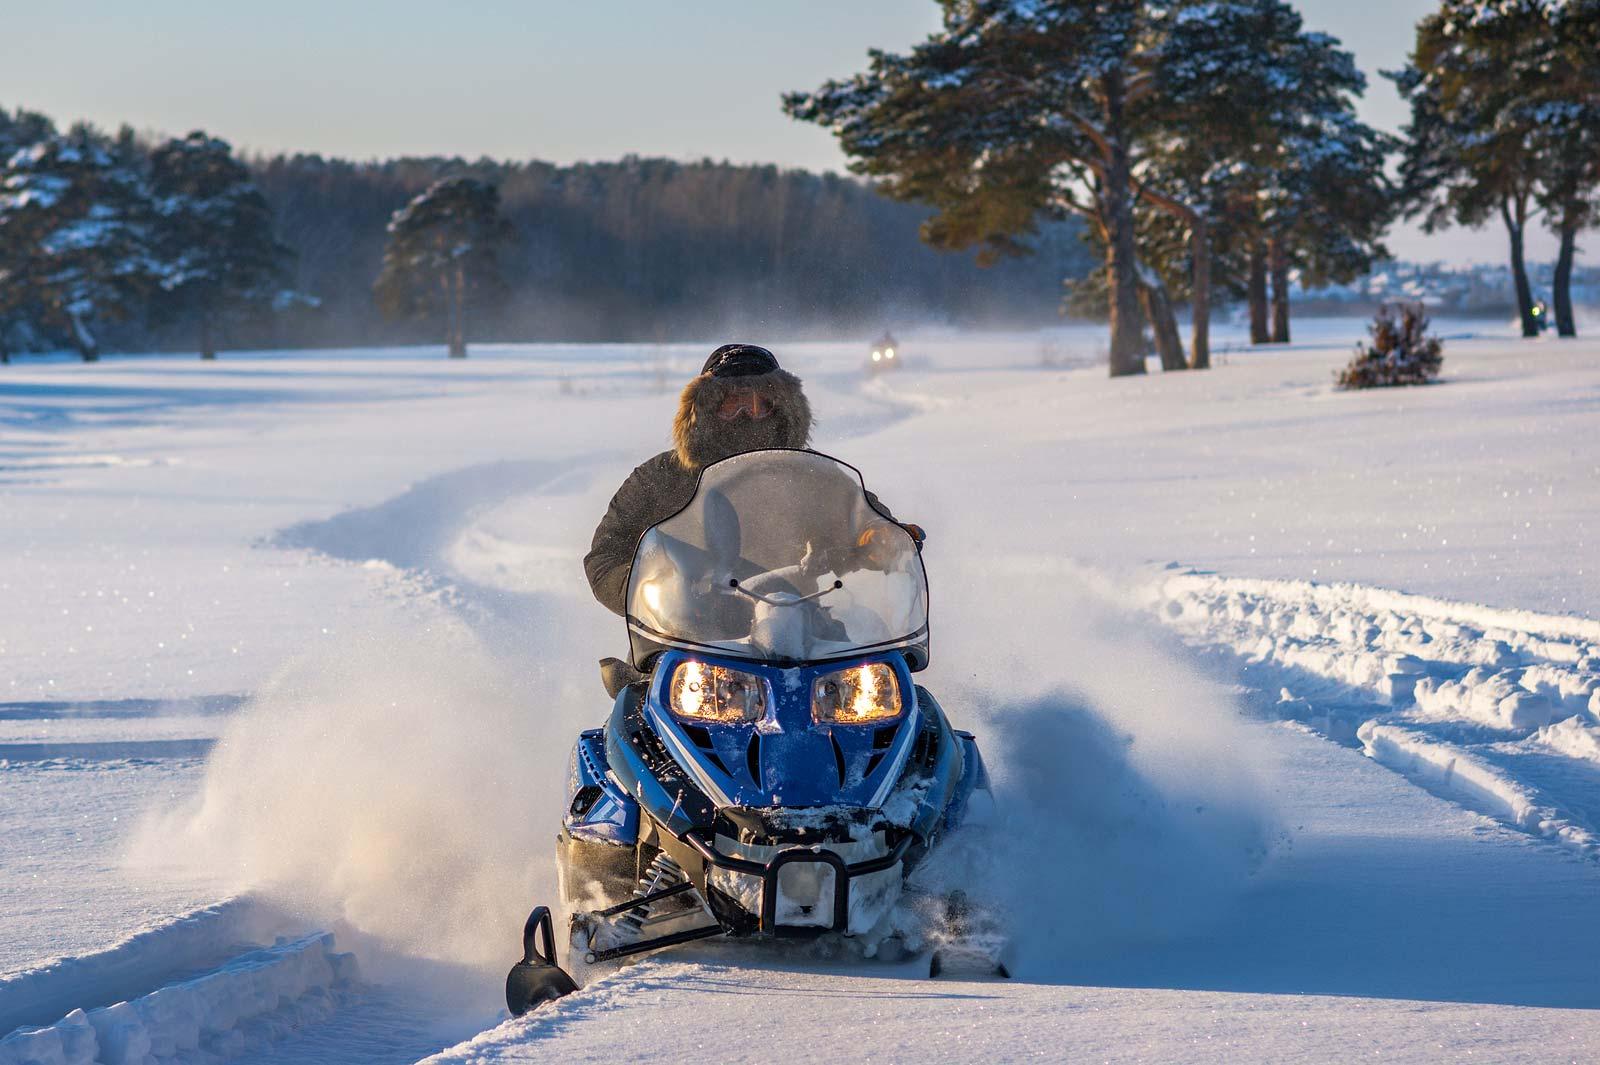 Une motoneige passe à travers un champ enneigé.